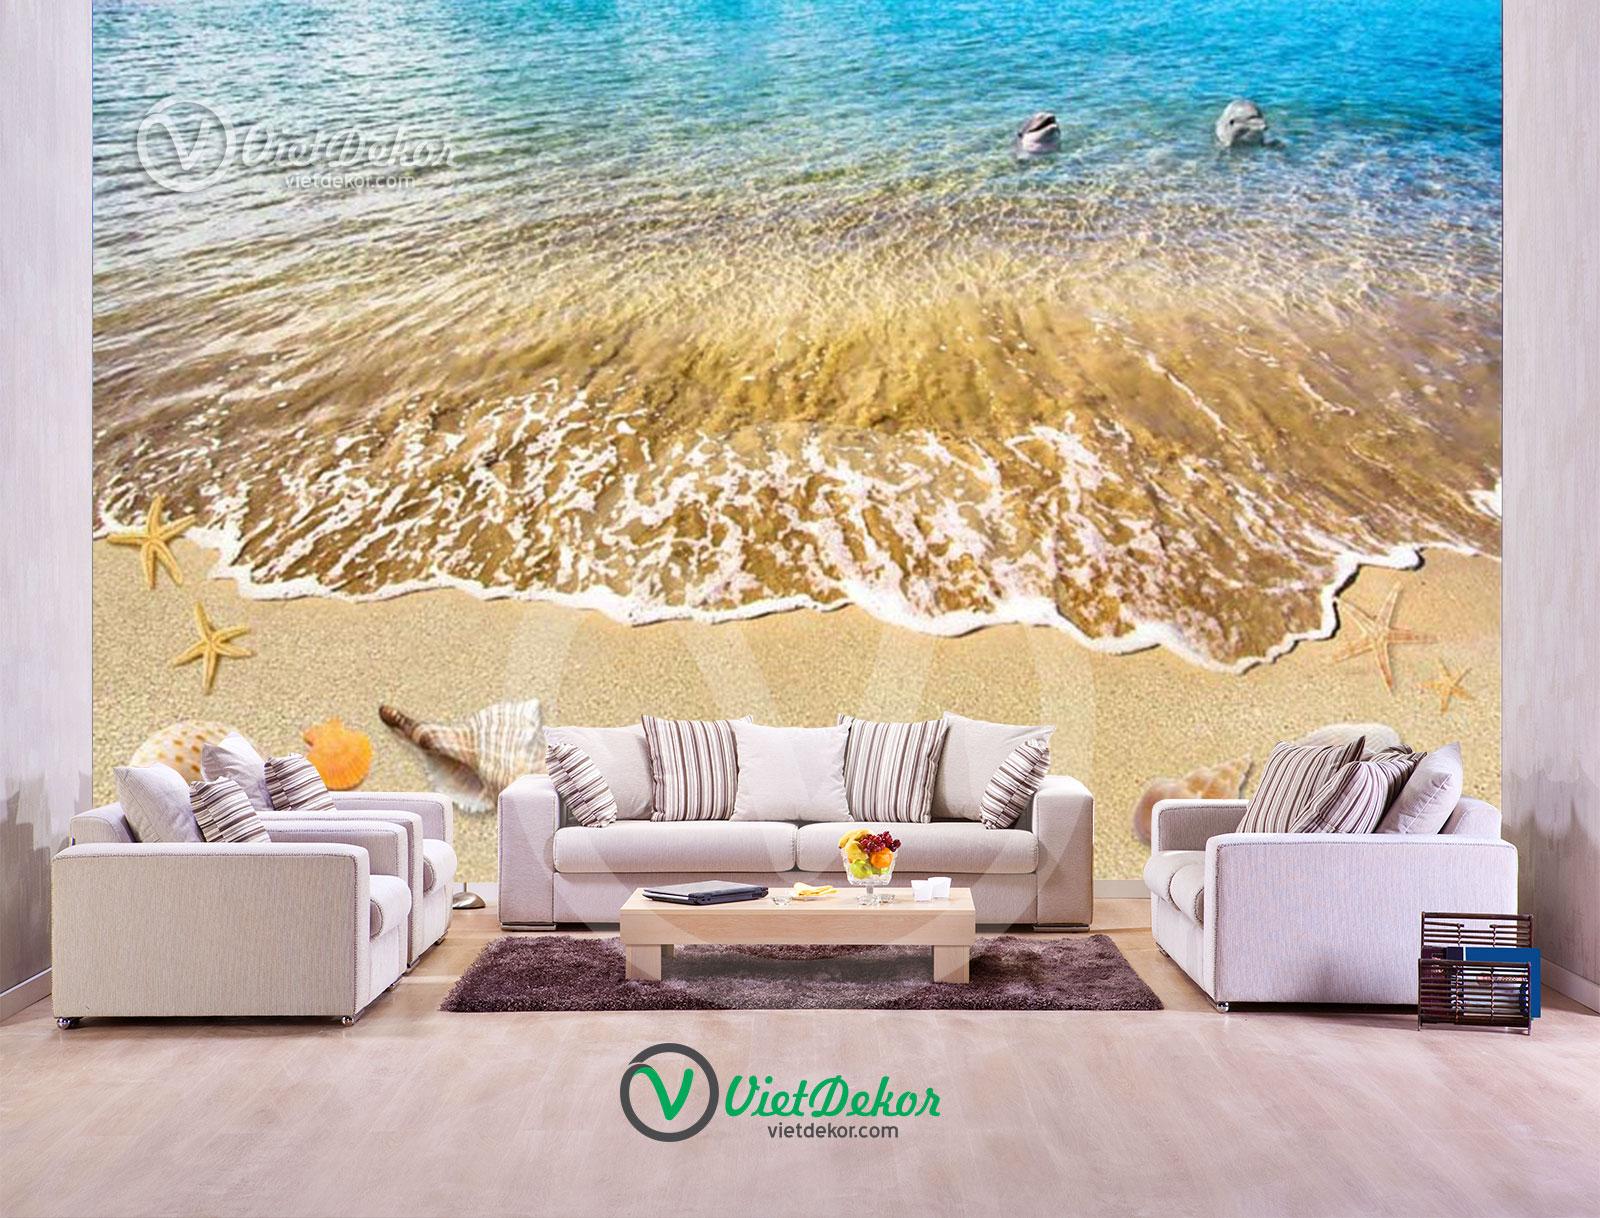 Tranh 3d dán tường phong cảnh biển cá mập sao biển và ốc